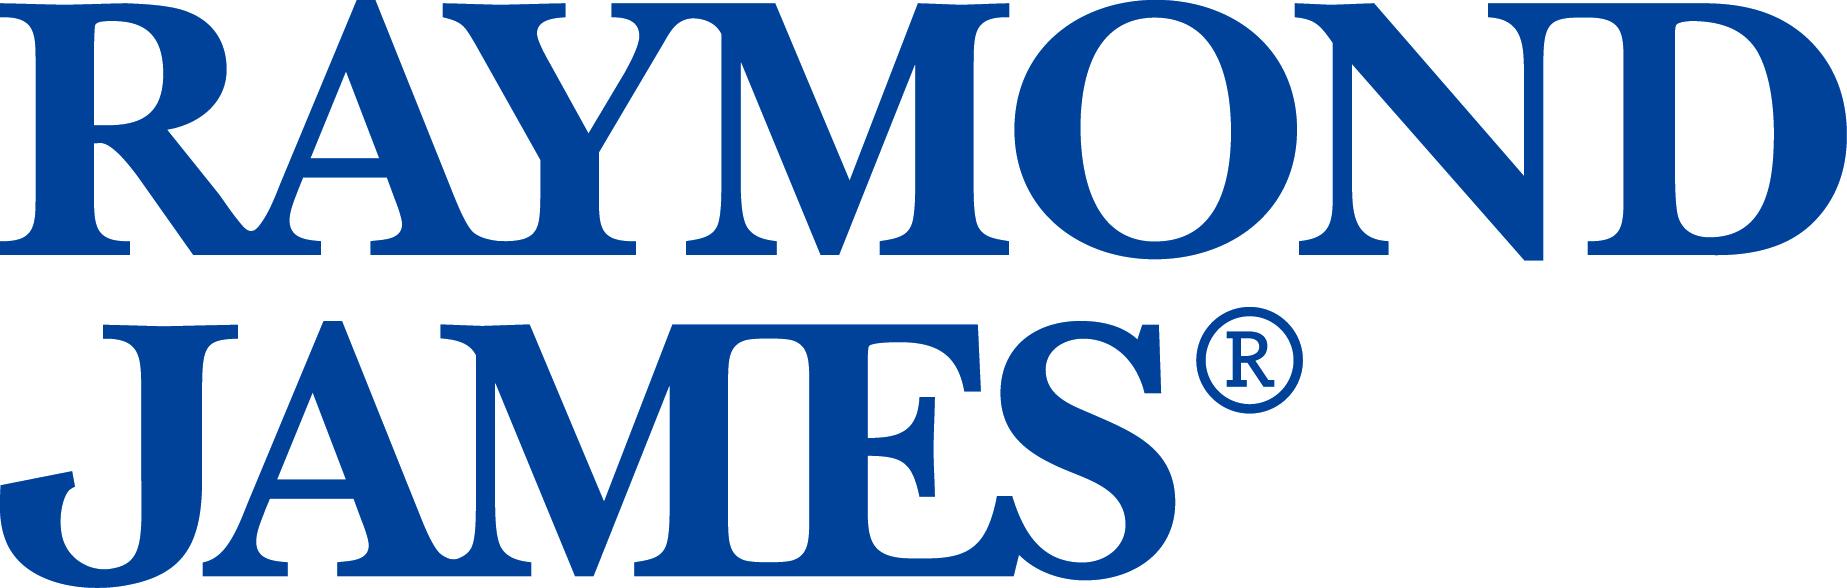 raymond-james-logo - Breakthrough Central Texas